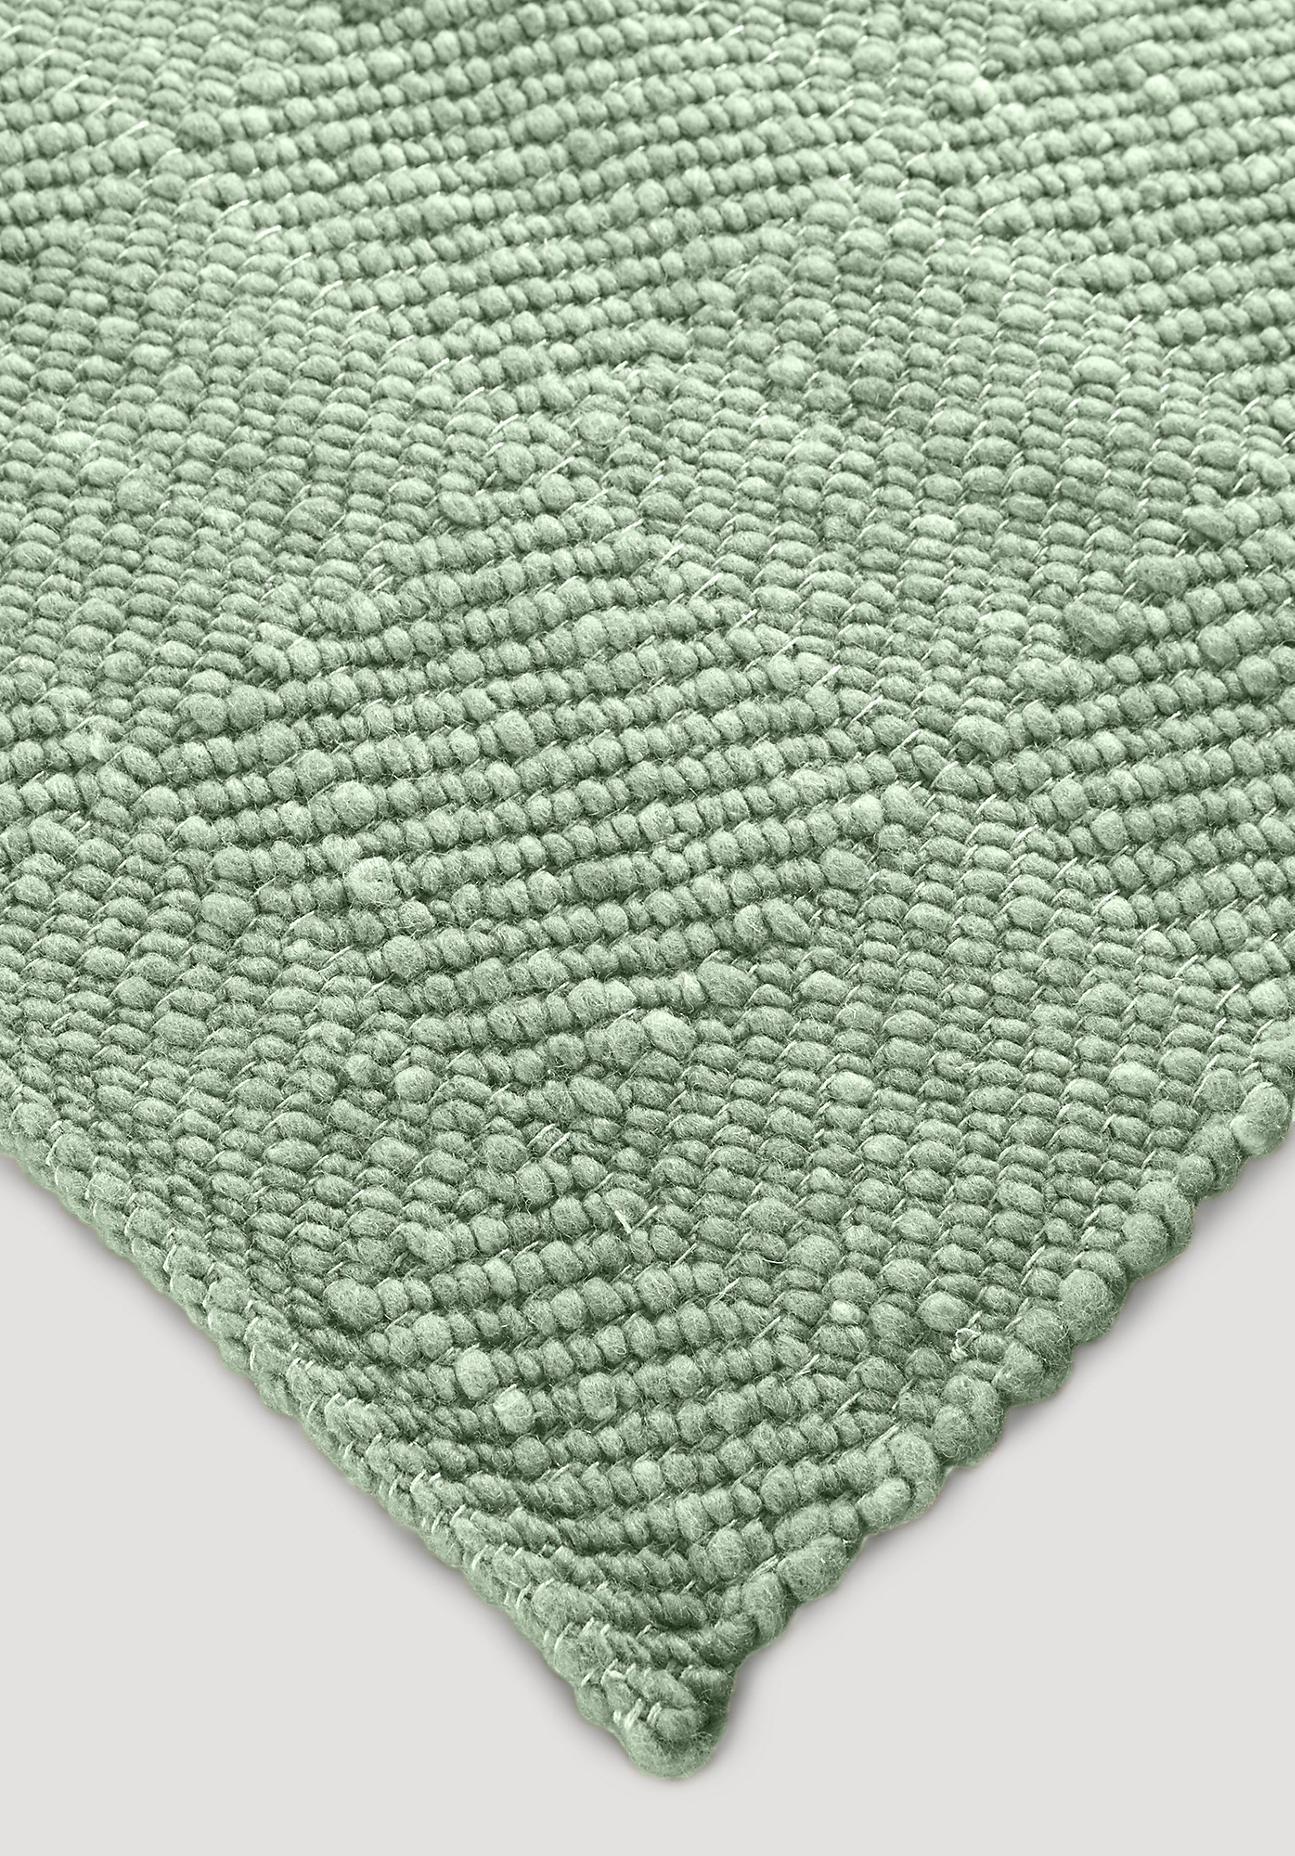 hessnatur Teppich Ruga aus Schurwolle – grün – Größe 70x140 cm